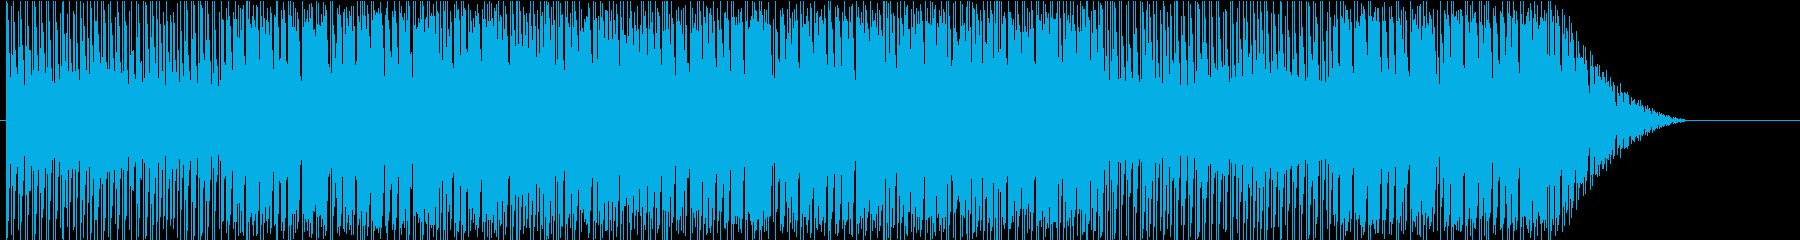 ほのぼのとかわいいアコースティック系楽曲の再生済みの波形